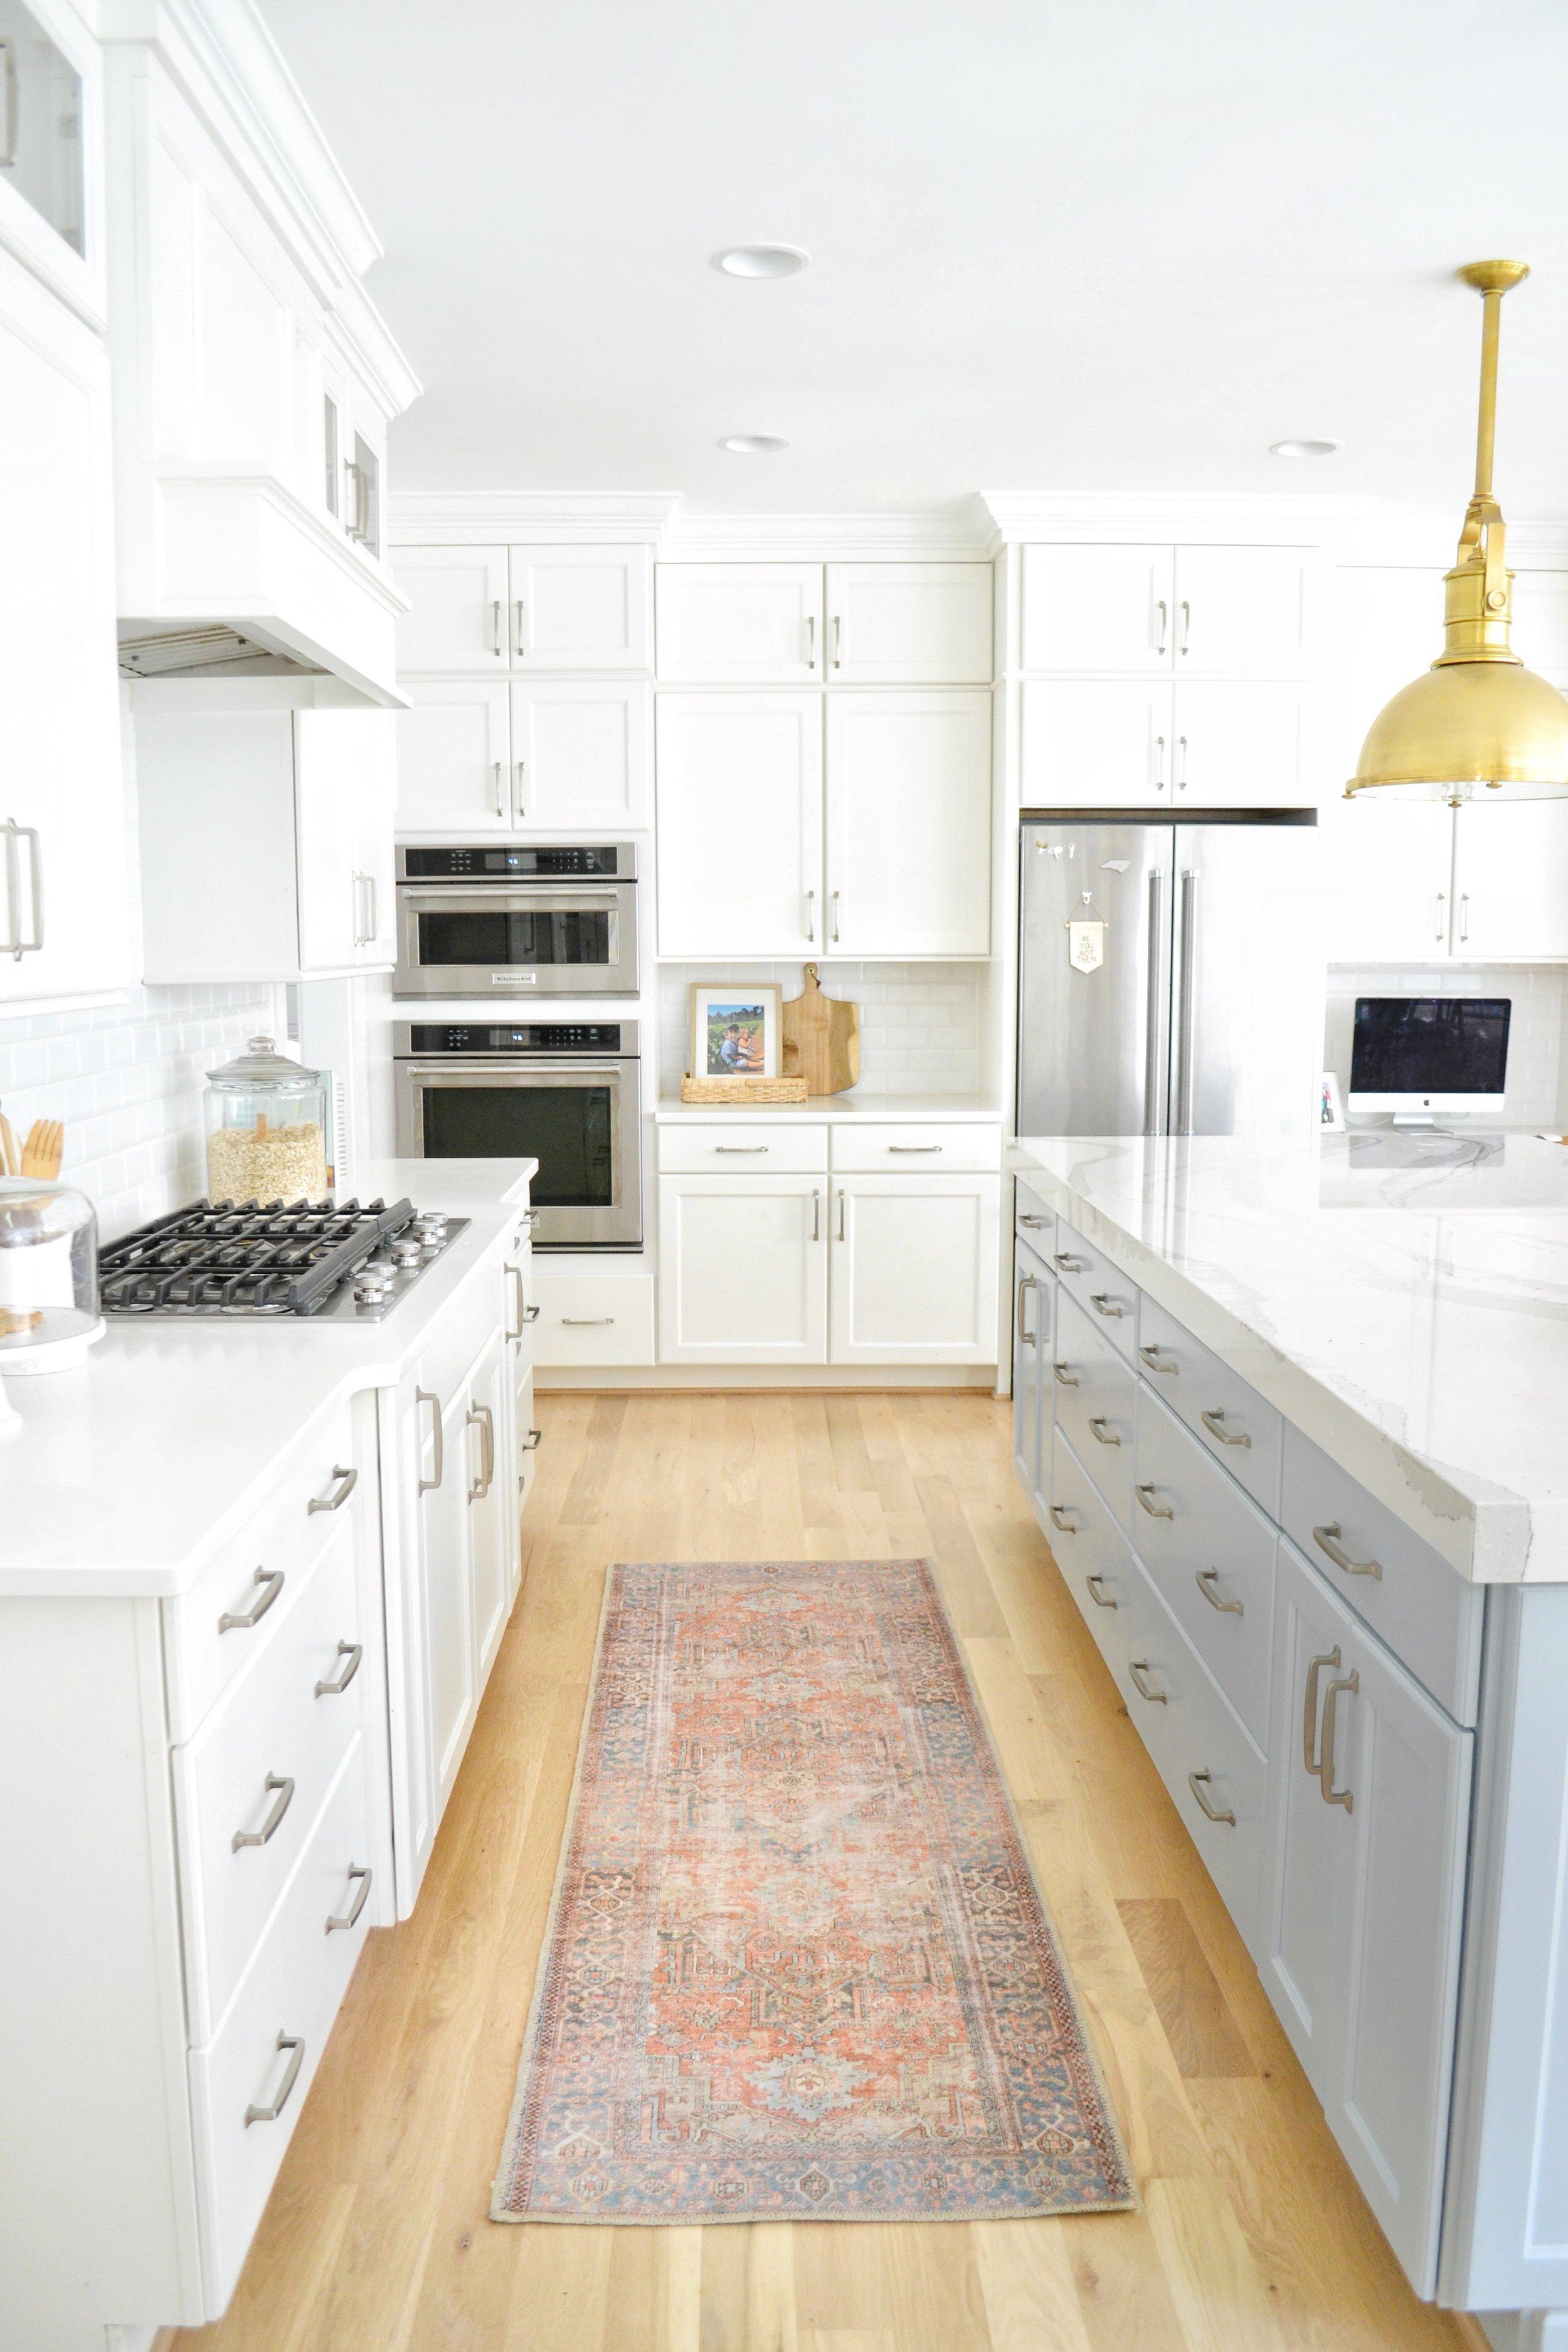 Our Coastal Kitchen Design: Home Tour